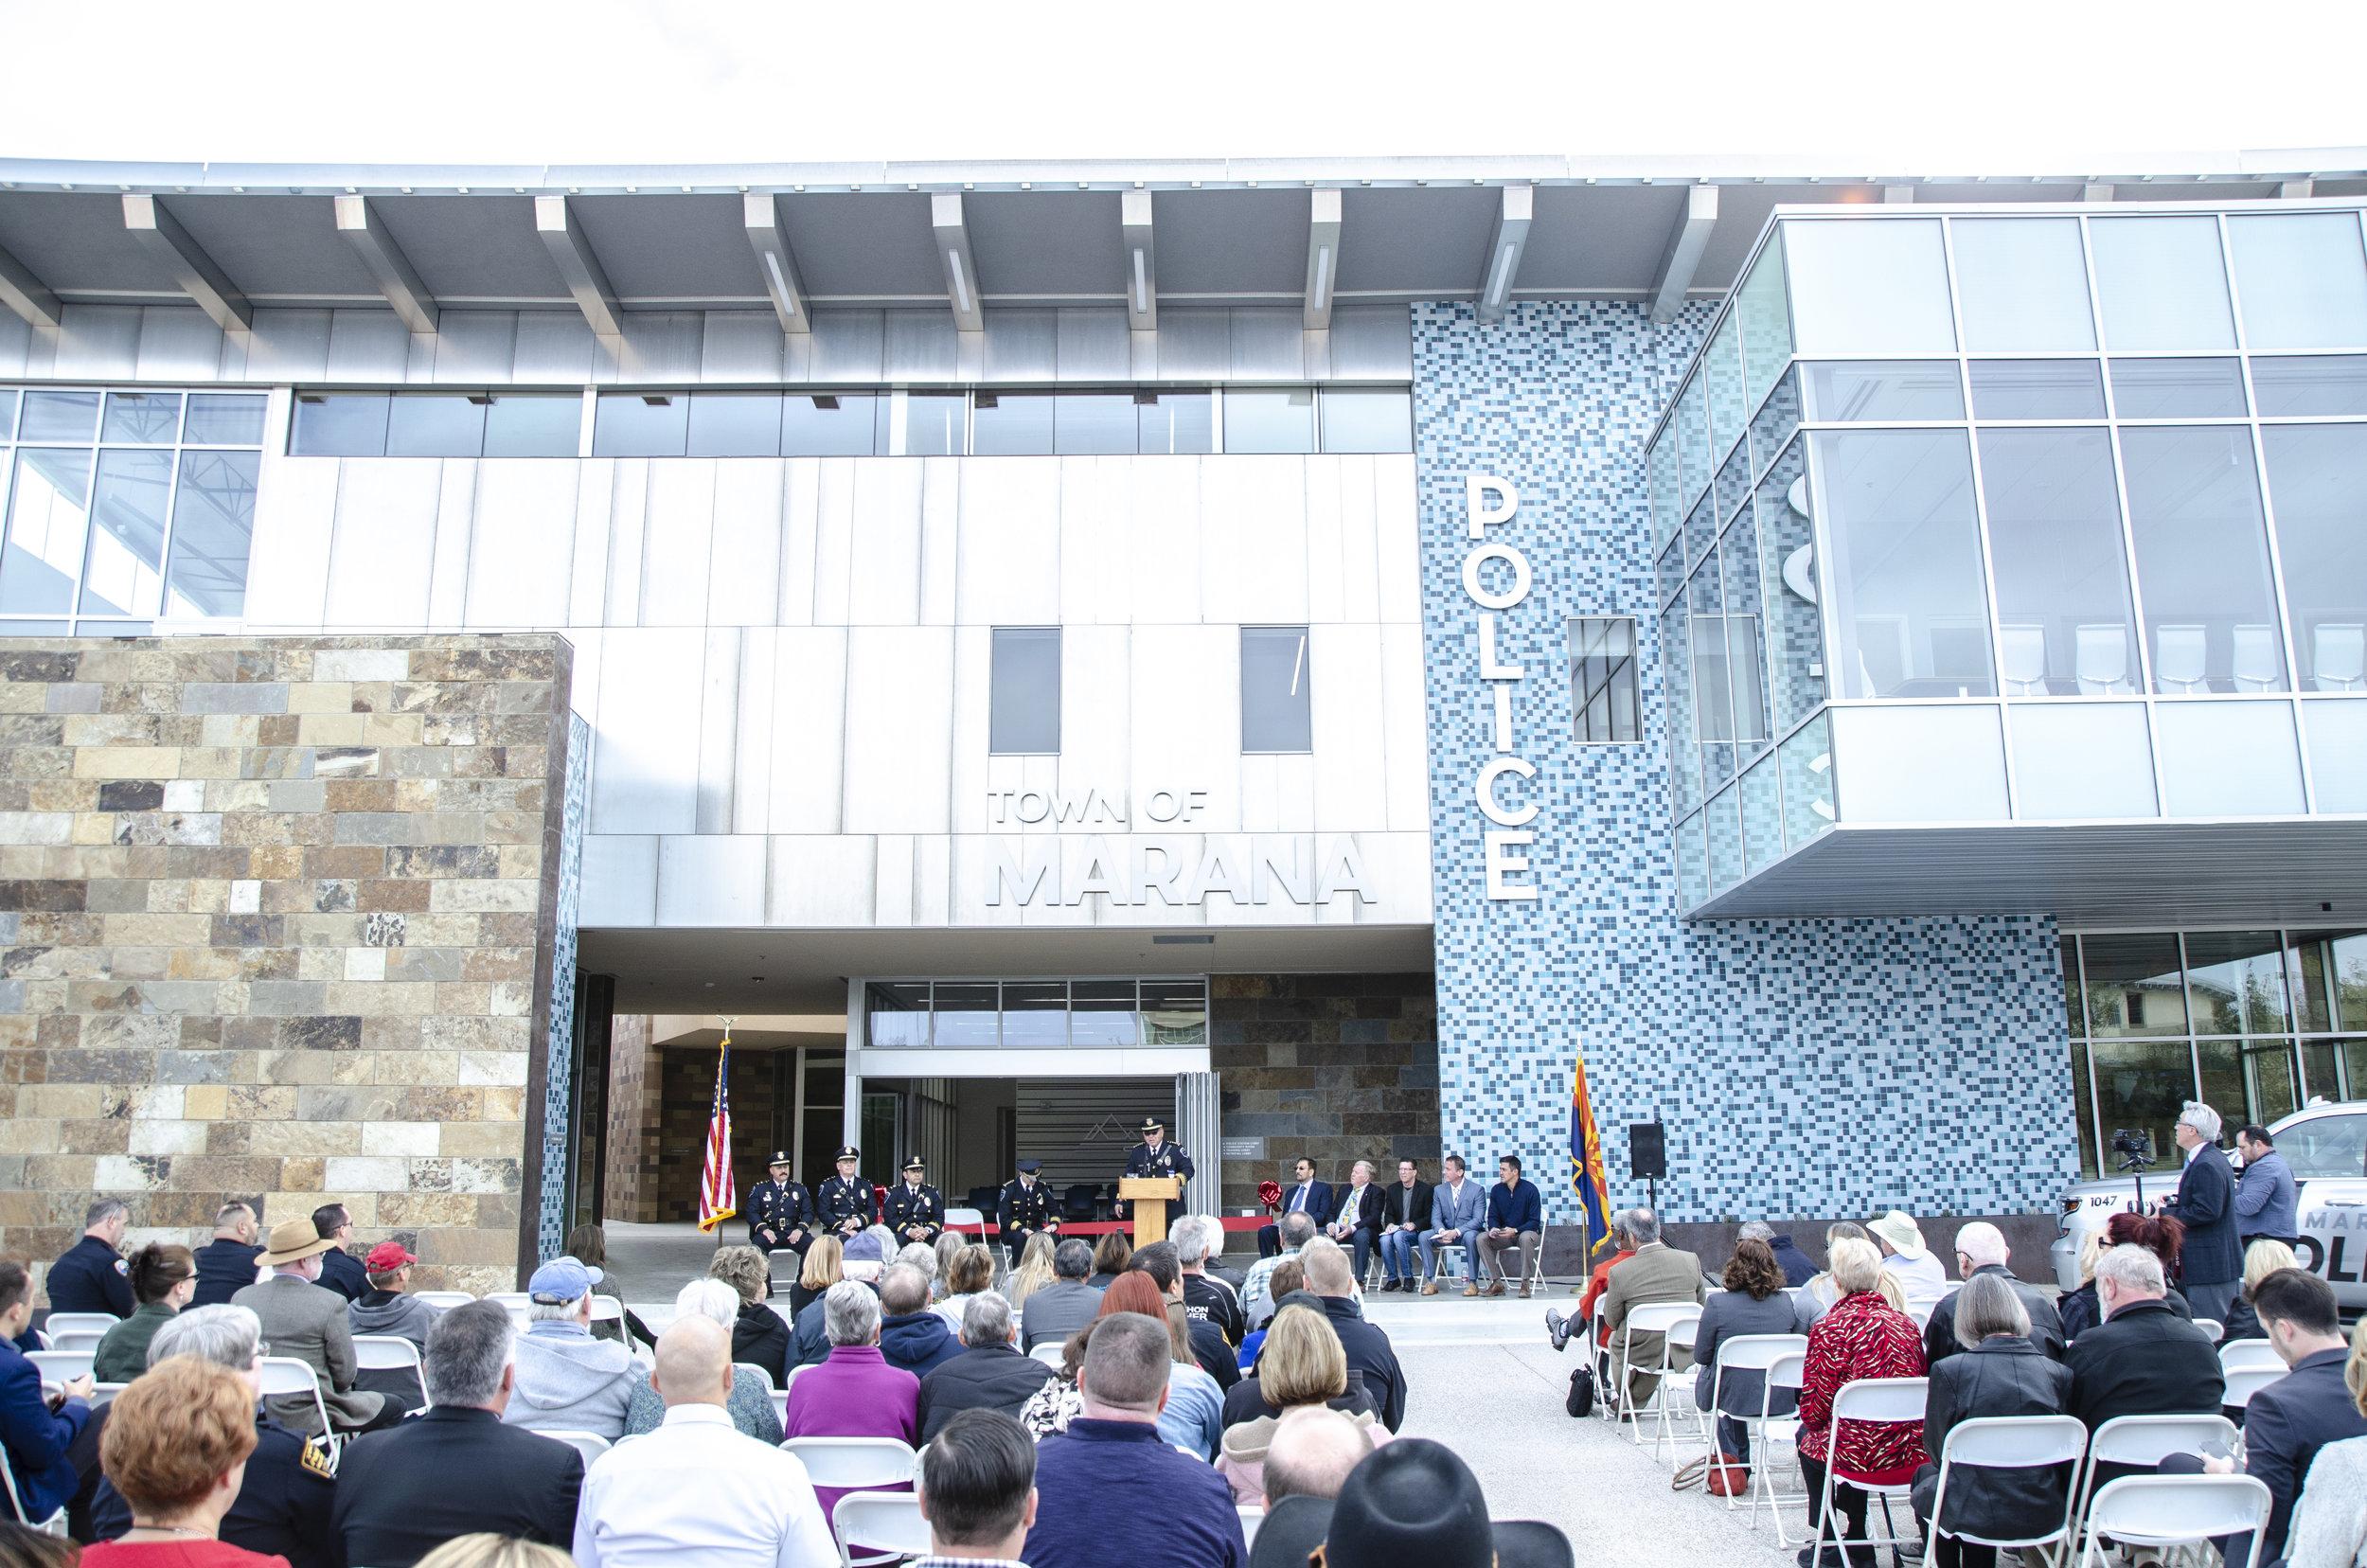 Marana Police Facility grand opening.